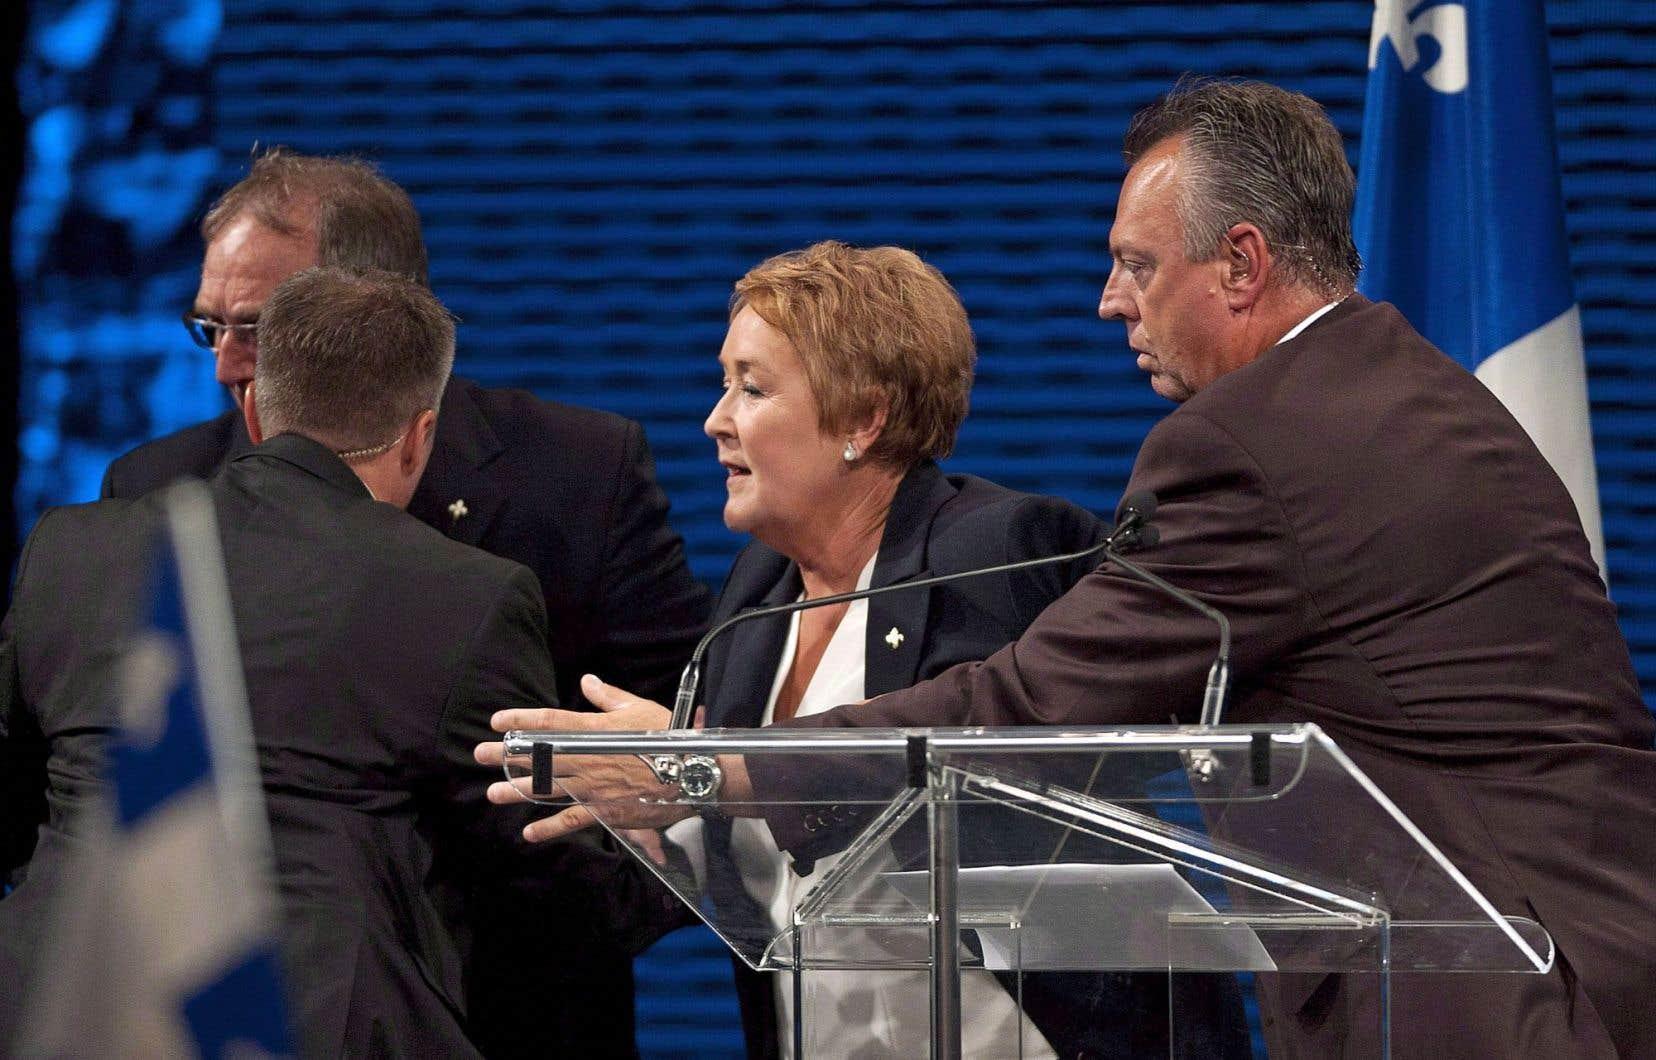 Pauline Marois a été évacuée par ses gardes du corps après que des coups de feu eurent été tirés par Richard Bain à l'extérieur du Métropolis, le soir des élections générales du 5 septembre 2012.